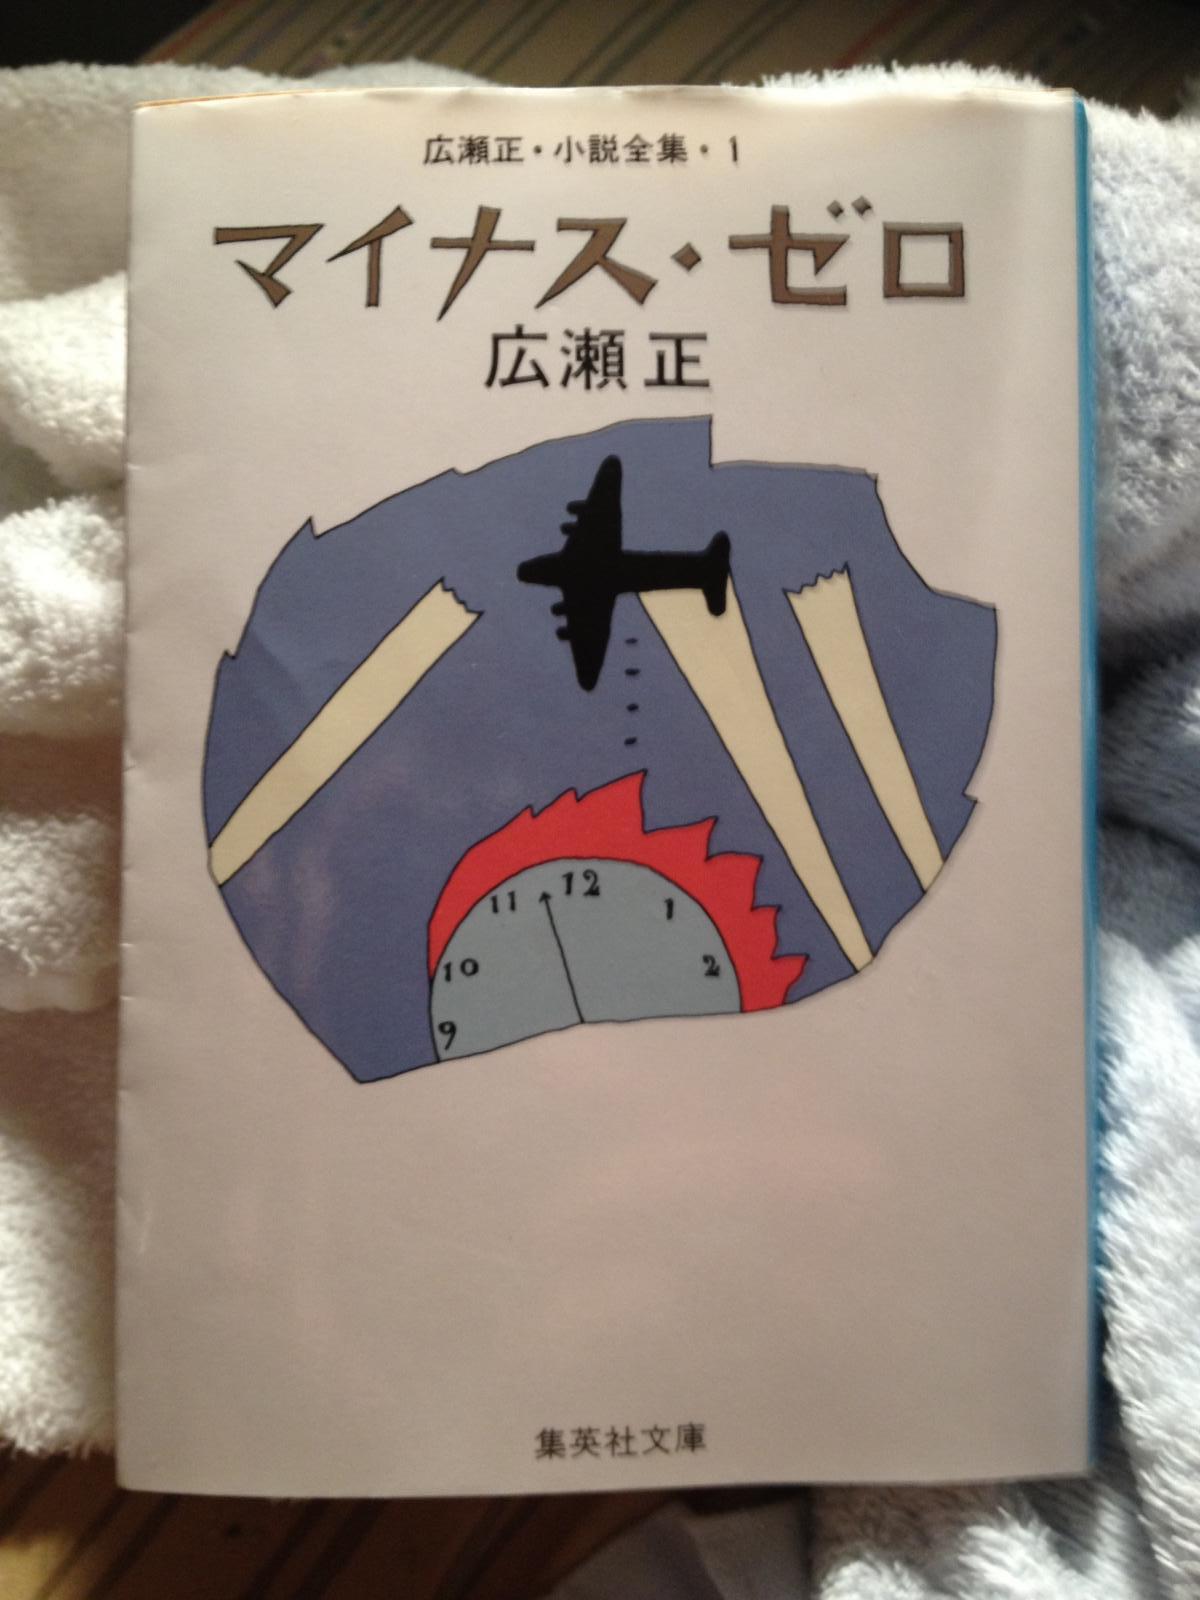 広瀬正『マイナス・ゼロ』集英社文庫